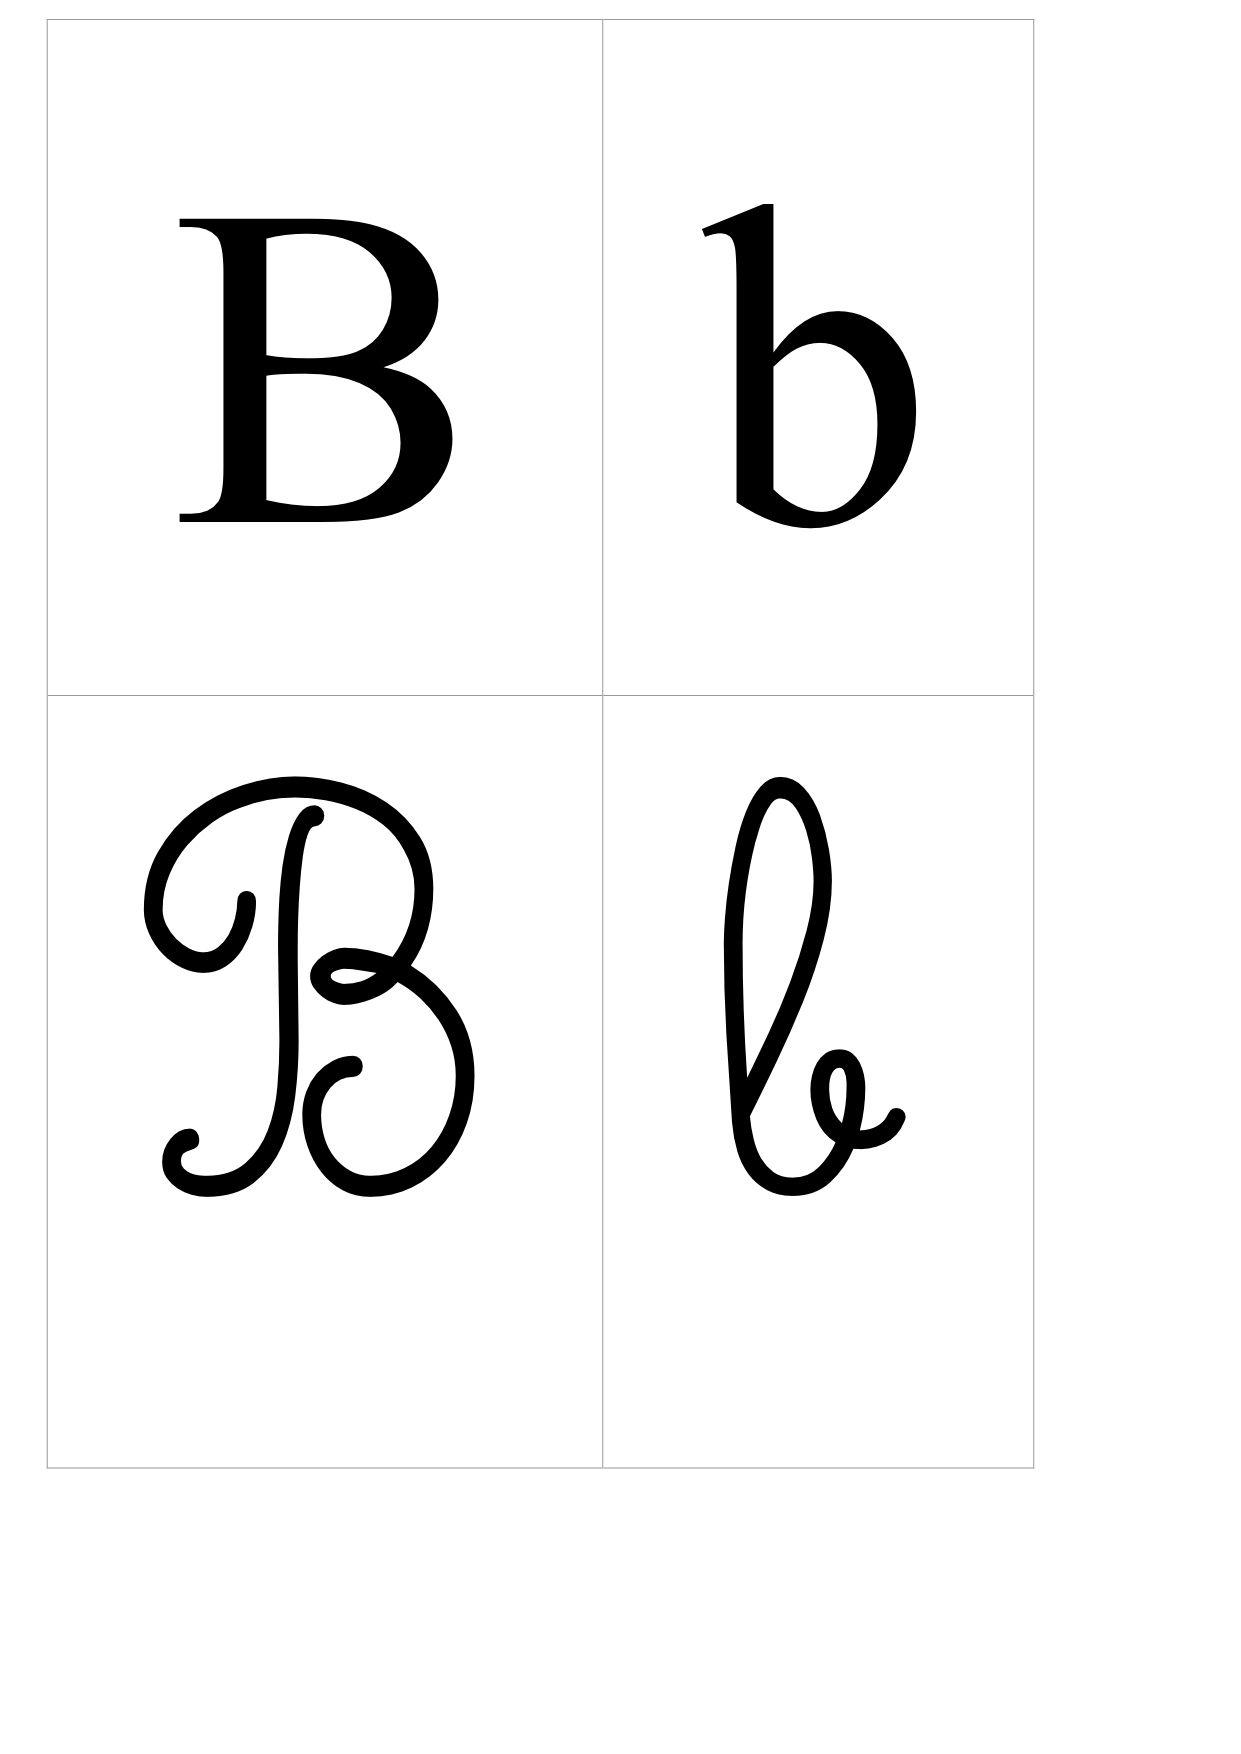 Digitalvandhna - Learning Cursive Alphabet. Learning Cursive pour Alphabet Script Minuscule